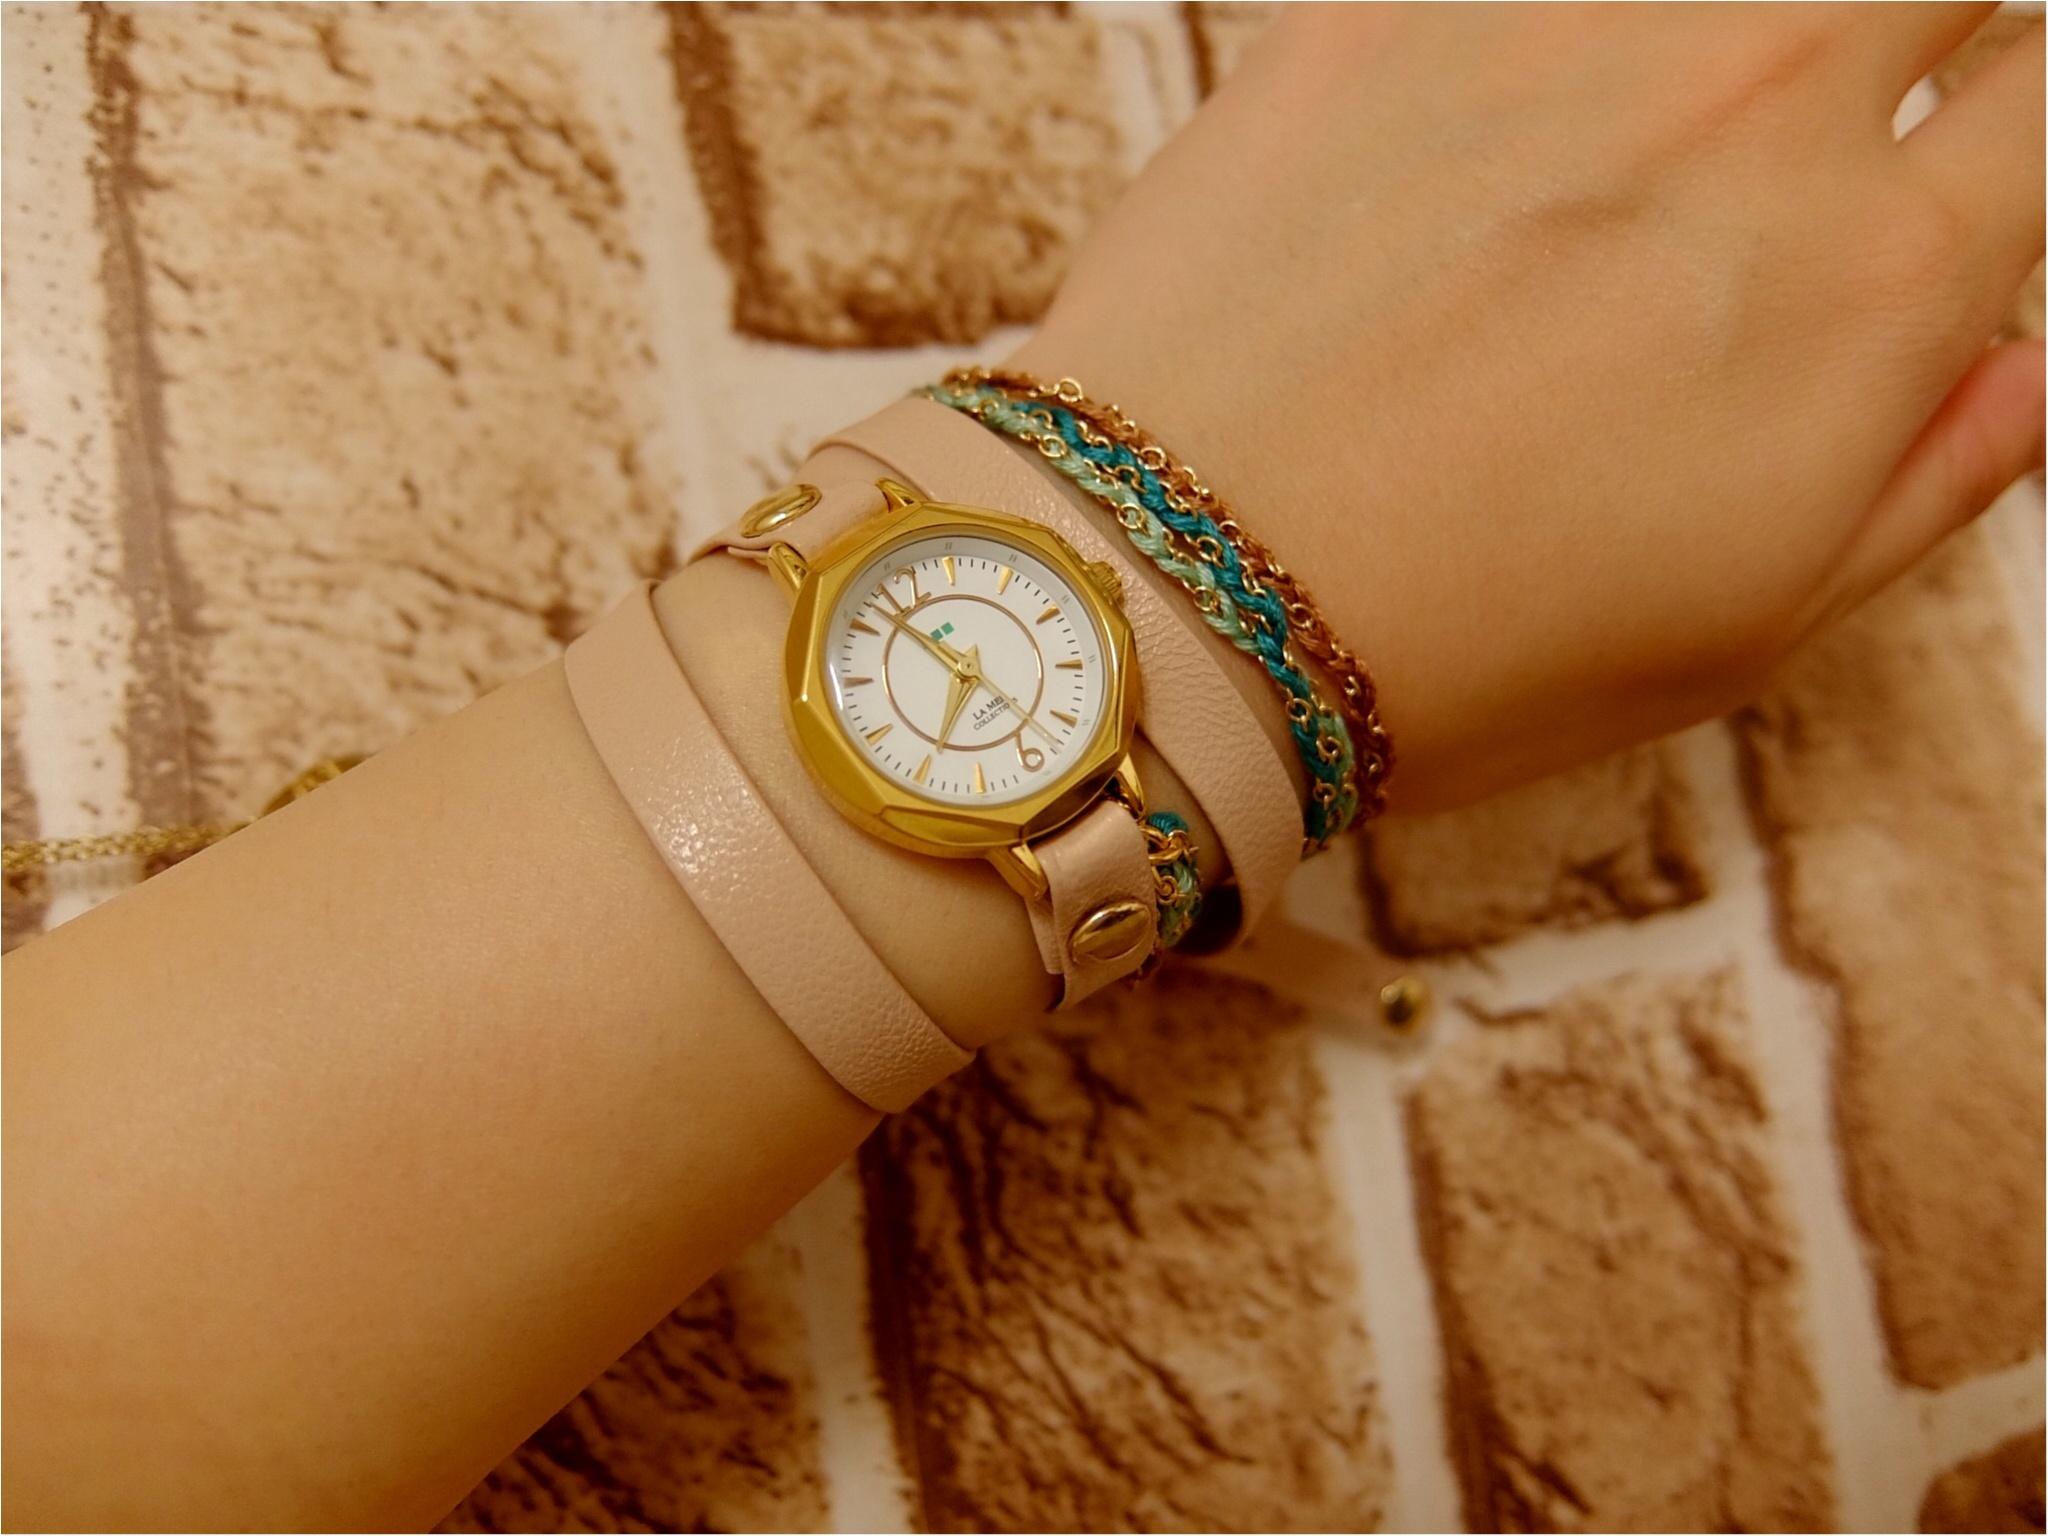 カジュアル好きにはたまらない♡【ラ・メール コレクションズ】の腕時計を買っちゃいました!_1